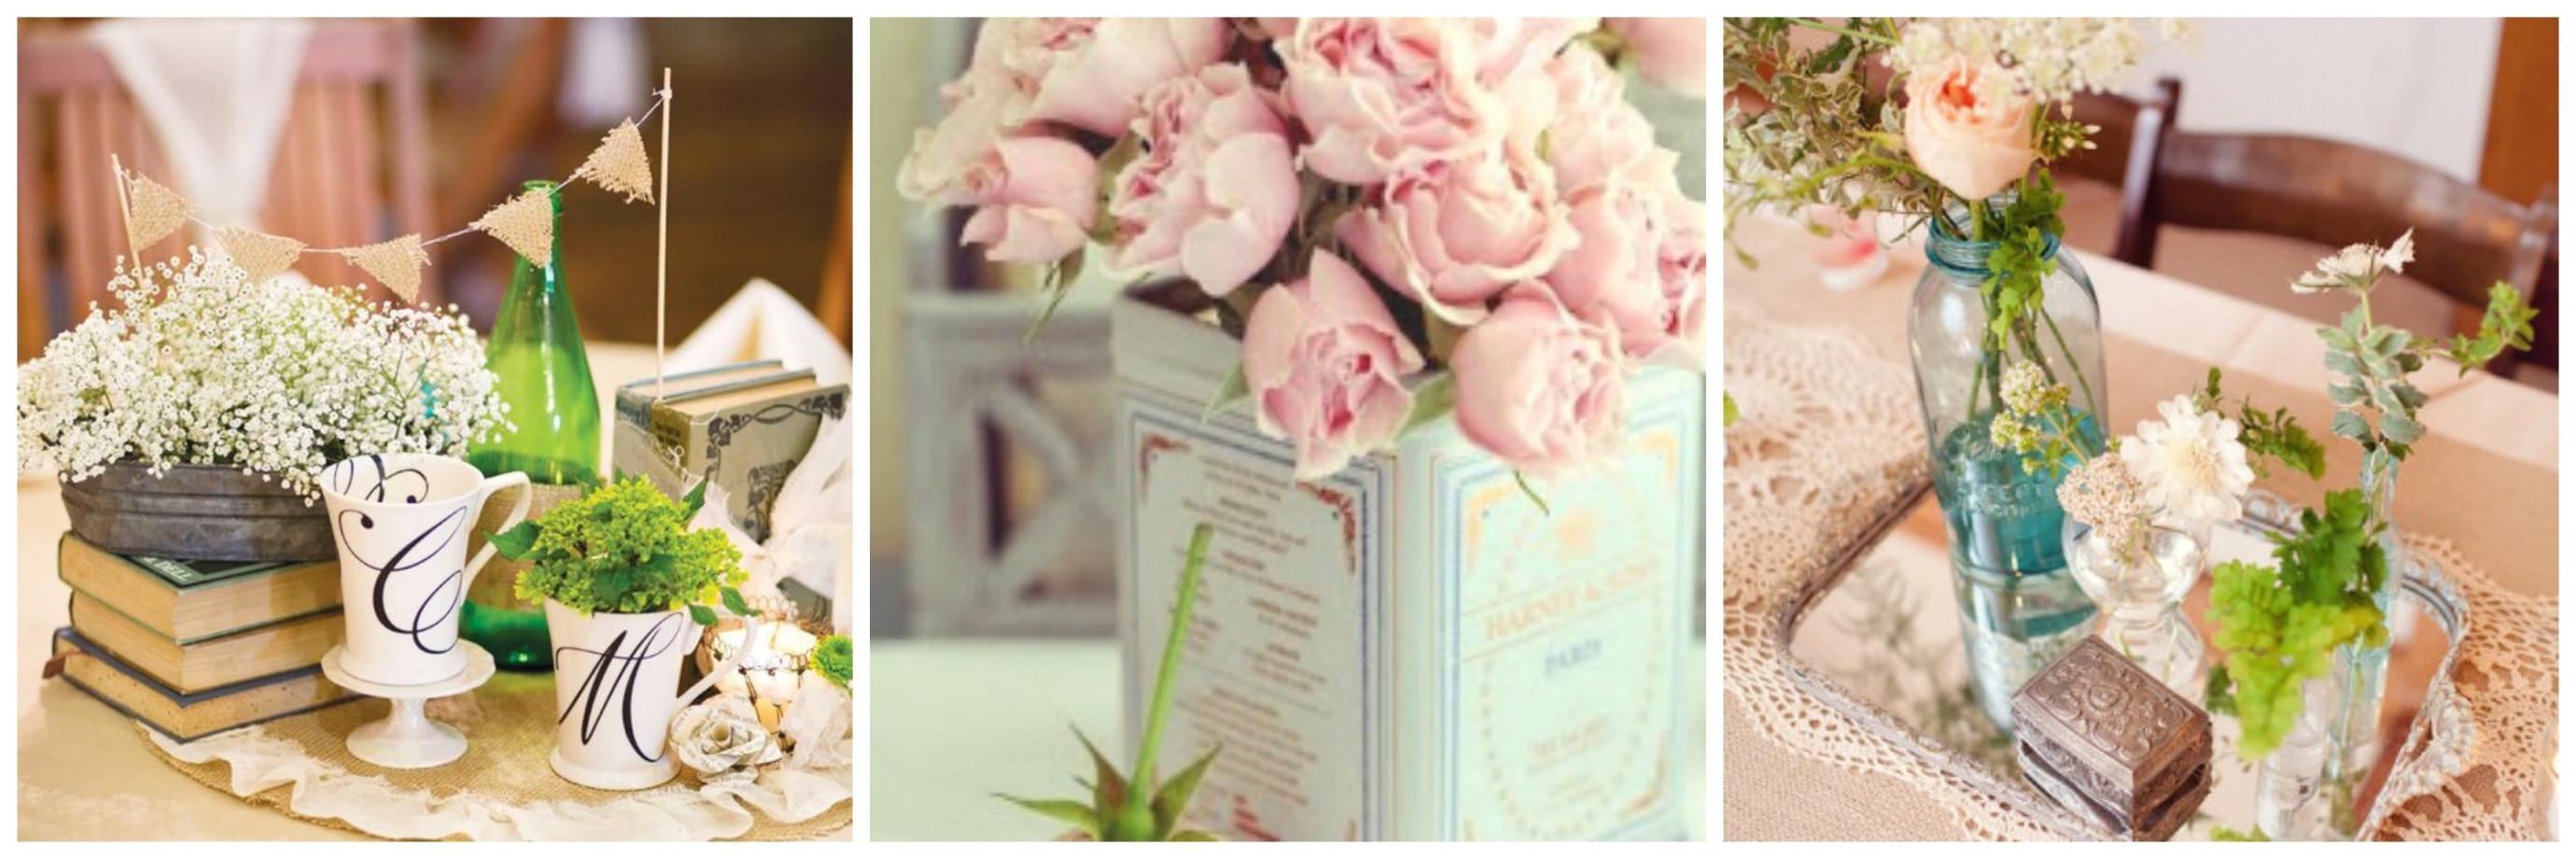 ideas de centros de mesa affordable ideas para bodas sencillas y